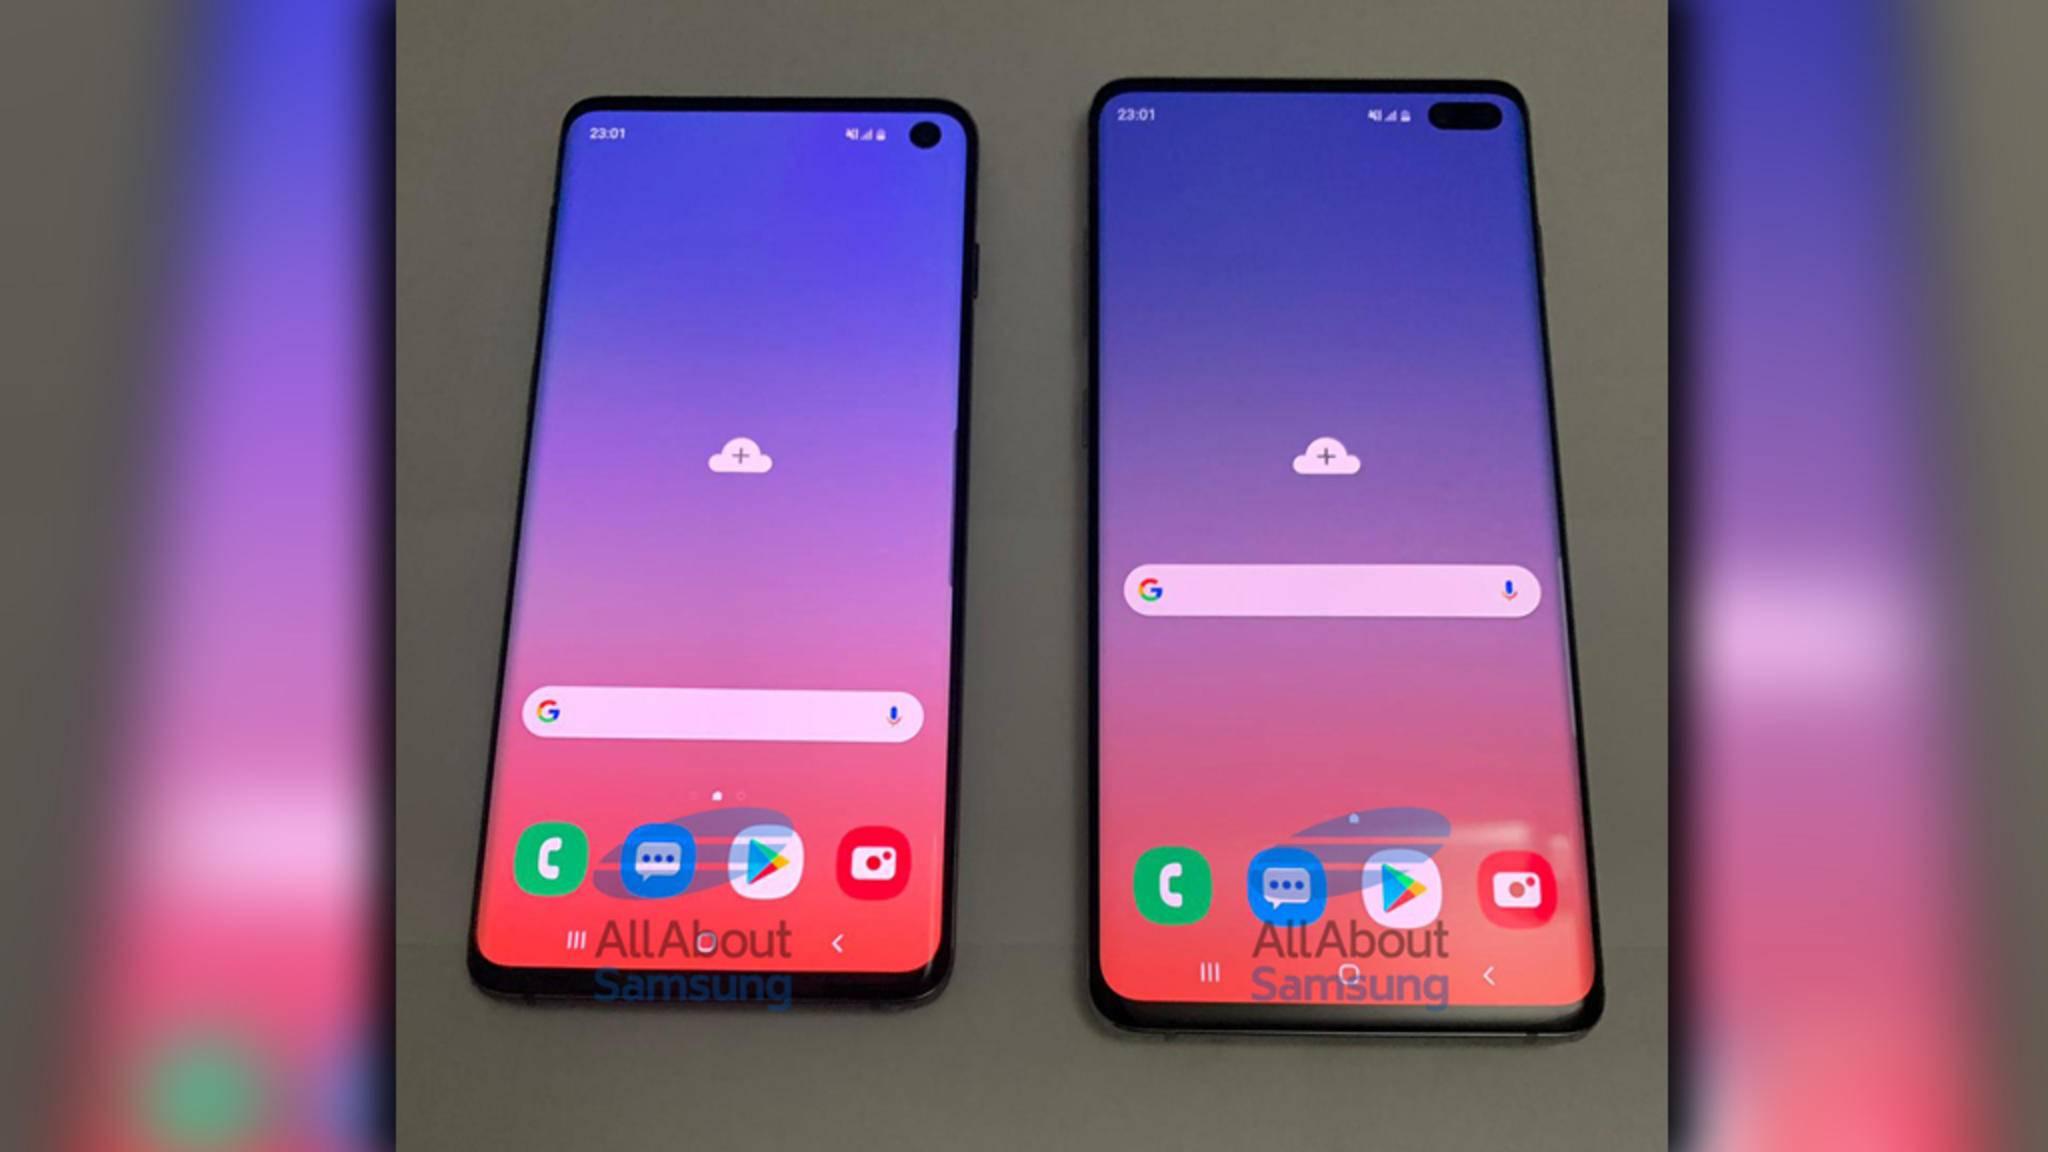 Das Galaxy S10 (links) und das Galaxy S10 Plus (rechts) von Samsung.